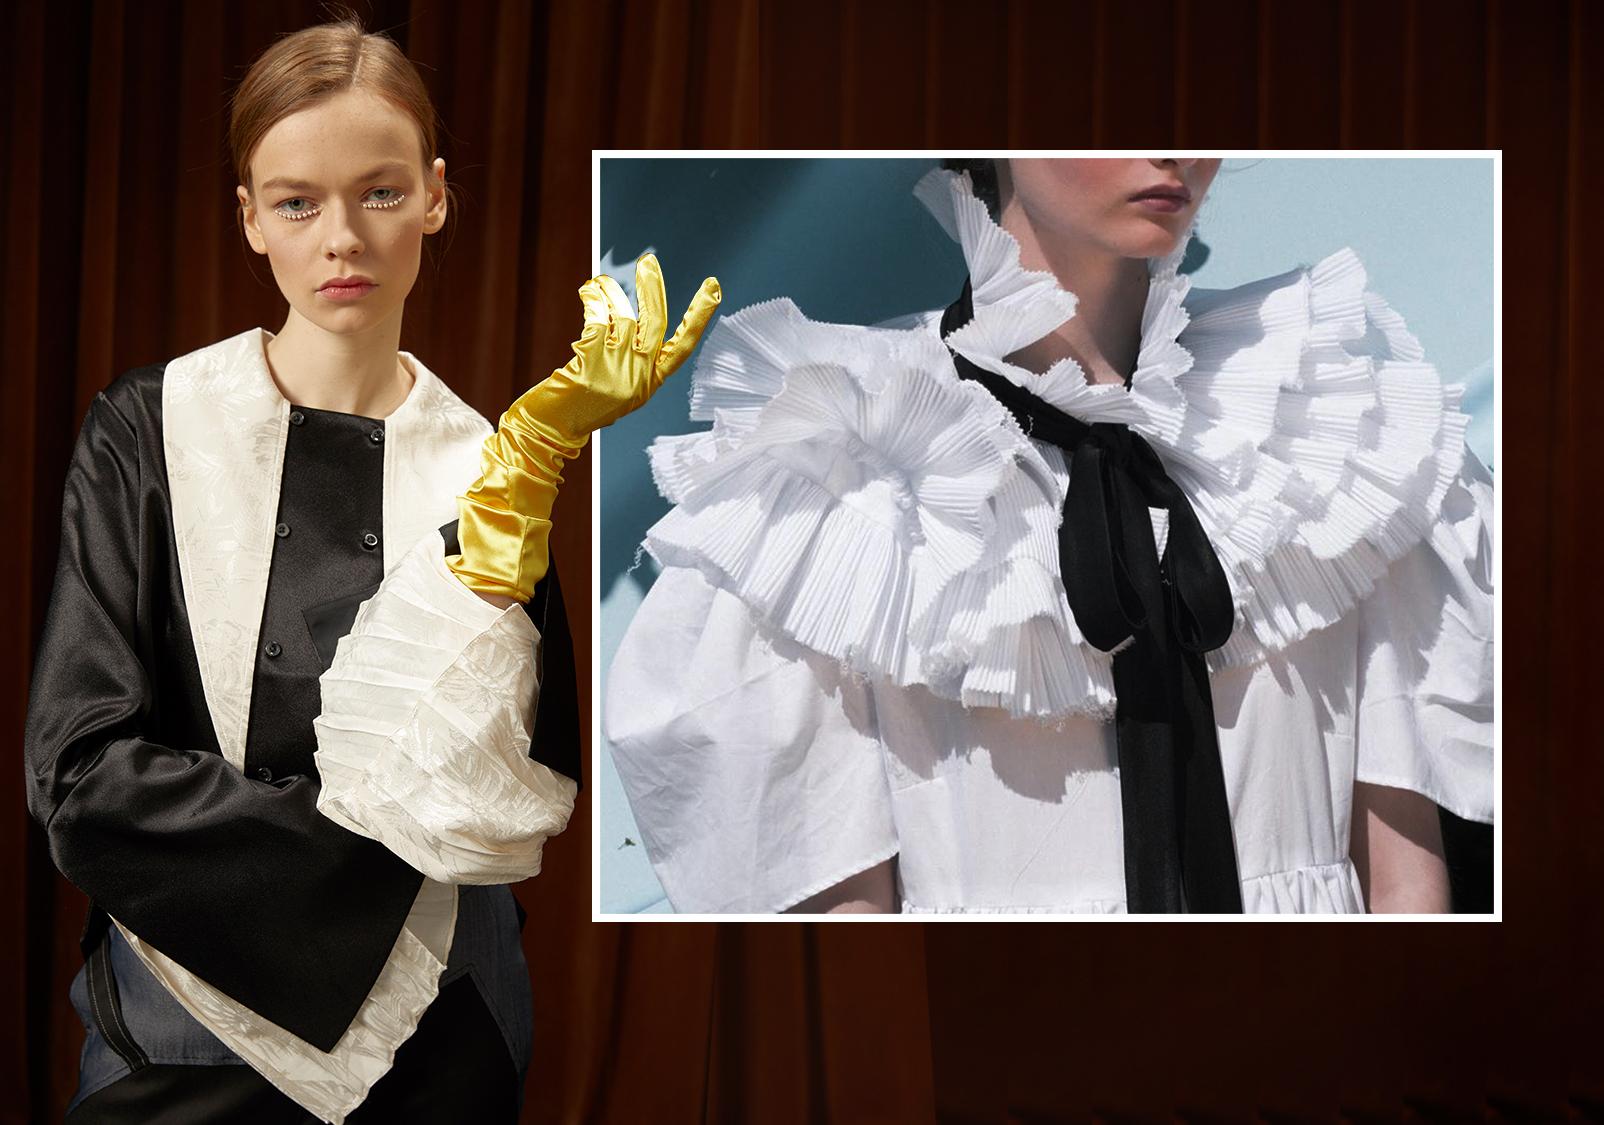 領部共鳴--女裝工藝細節趨勢